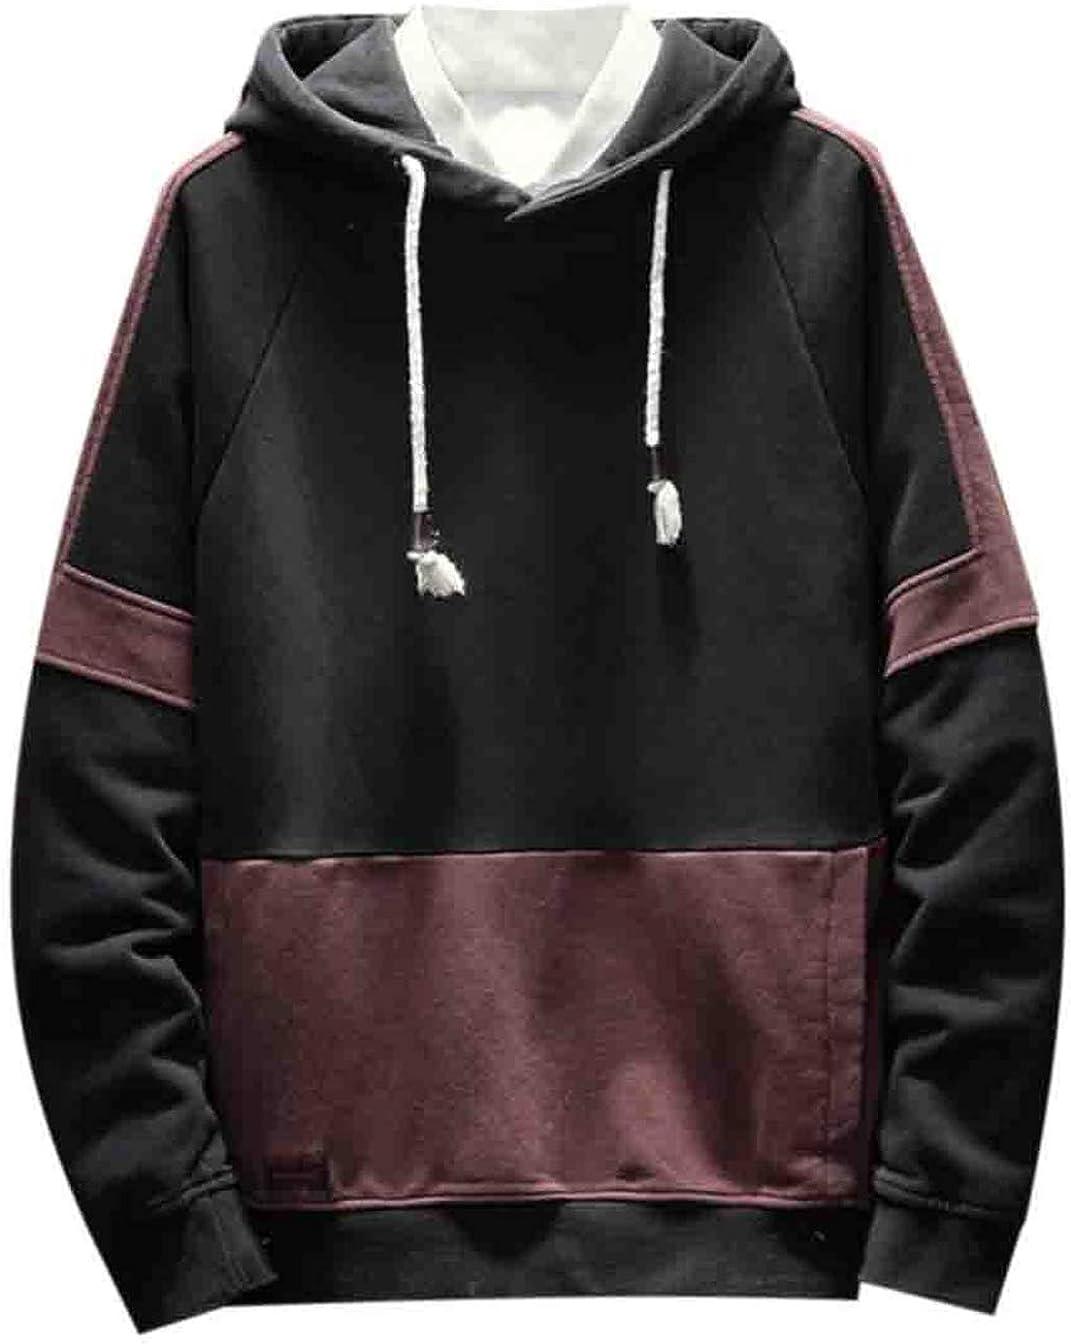 Hilization Men Casual Raglan Sleeve Hooded Kangaroo Pocket Thicken Patchwork Hoodie Sweatshirt Pullover